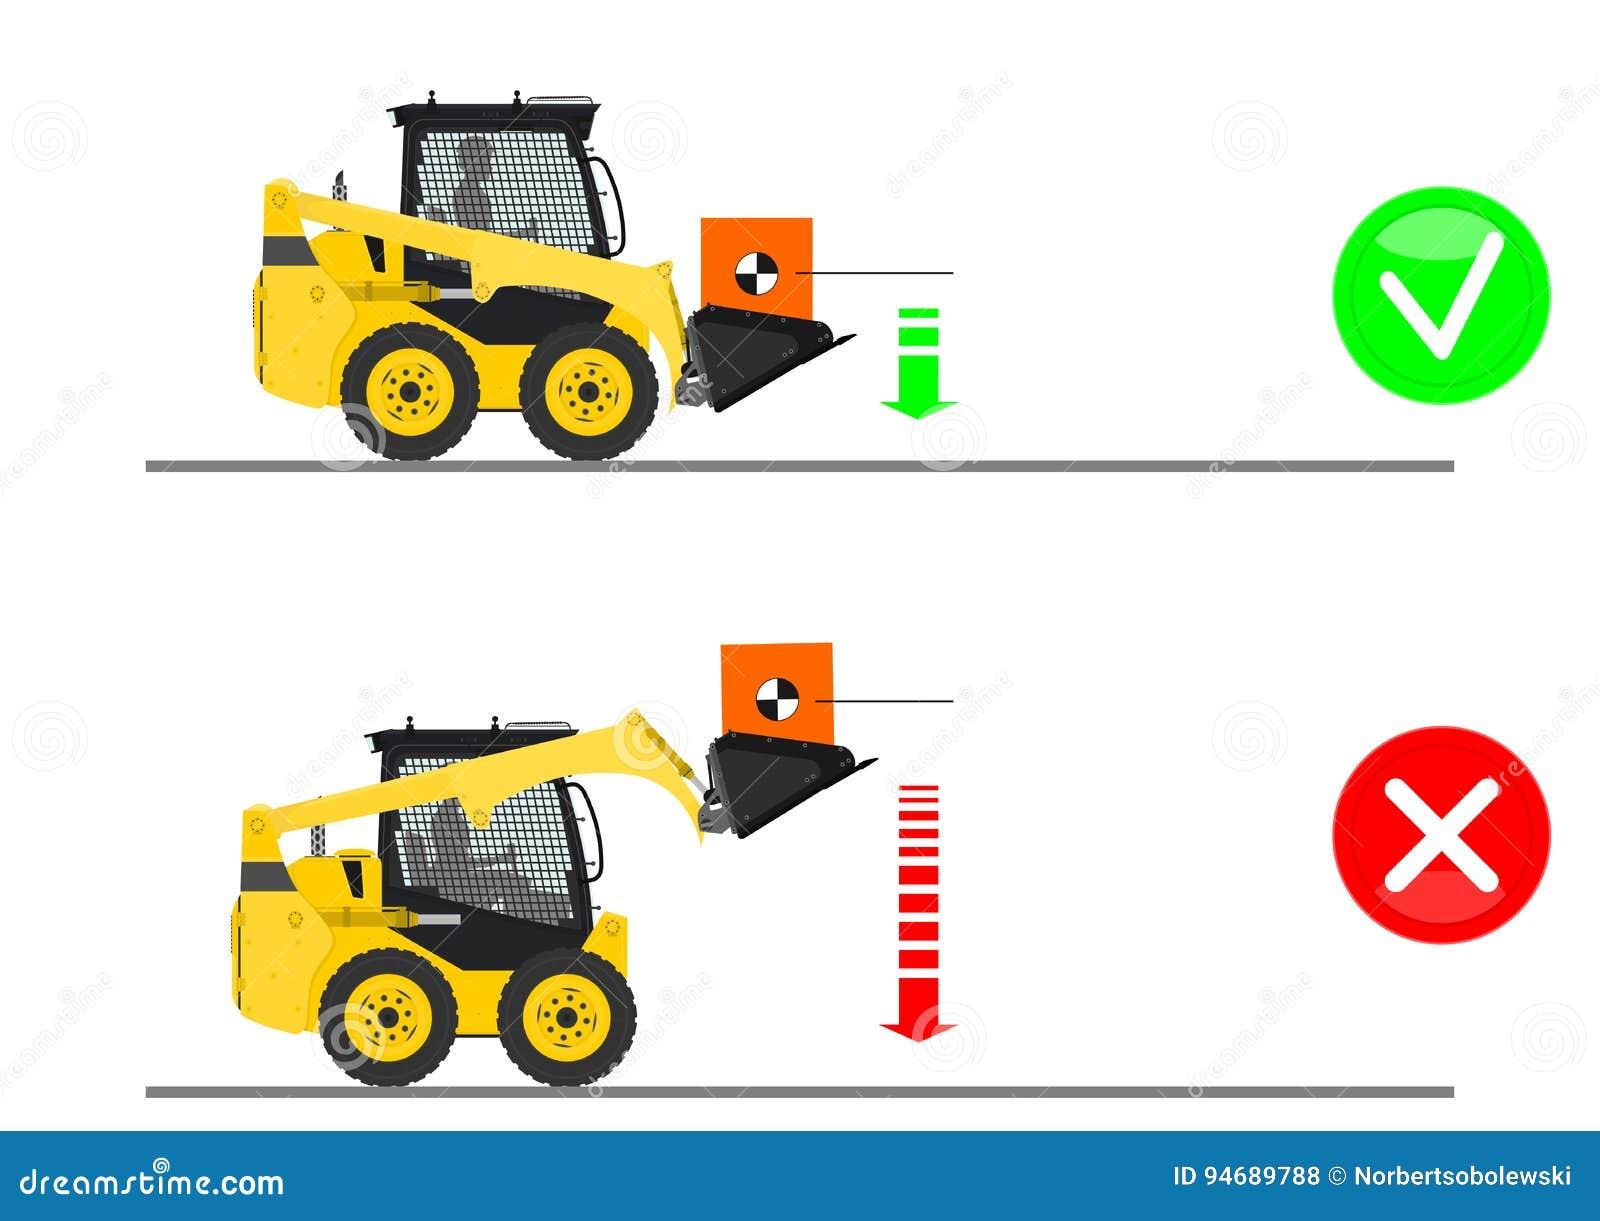 Skid Steer Loader Safety Tips  Stock Vector - Illustration